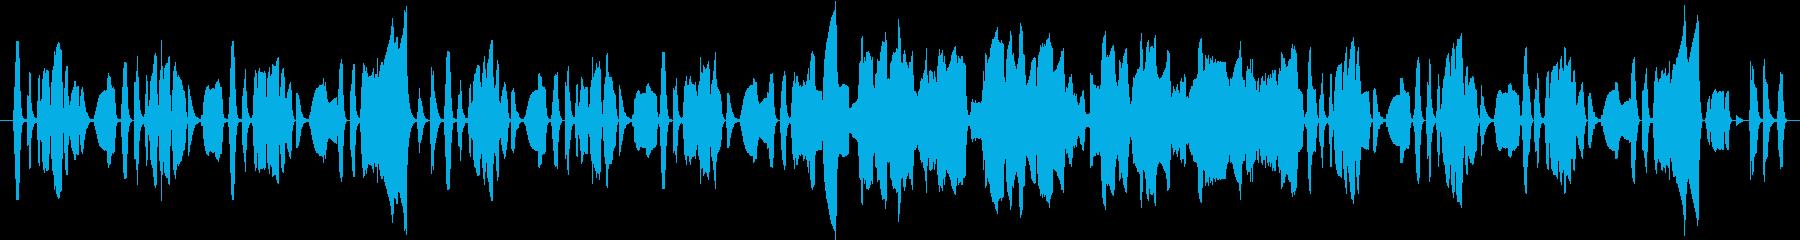 クラとチューバのほのぼのの再生済みの波形